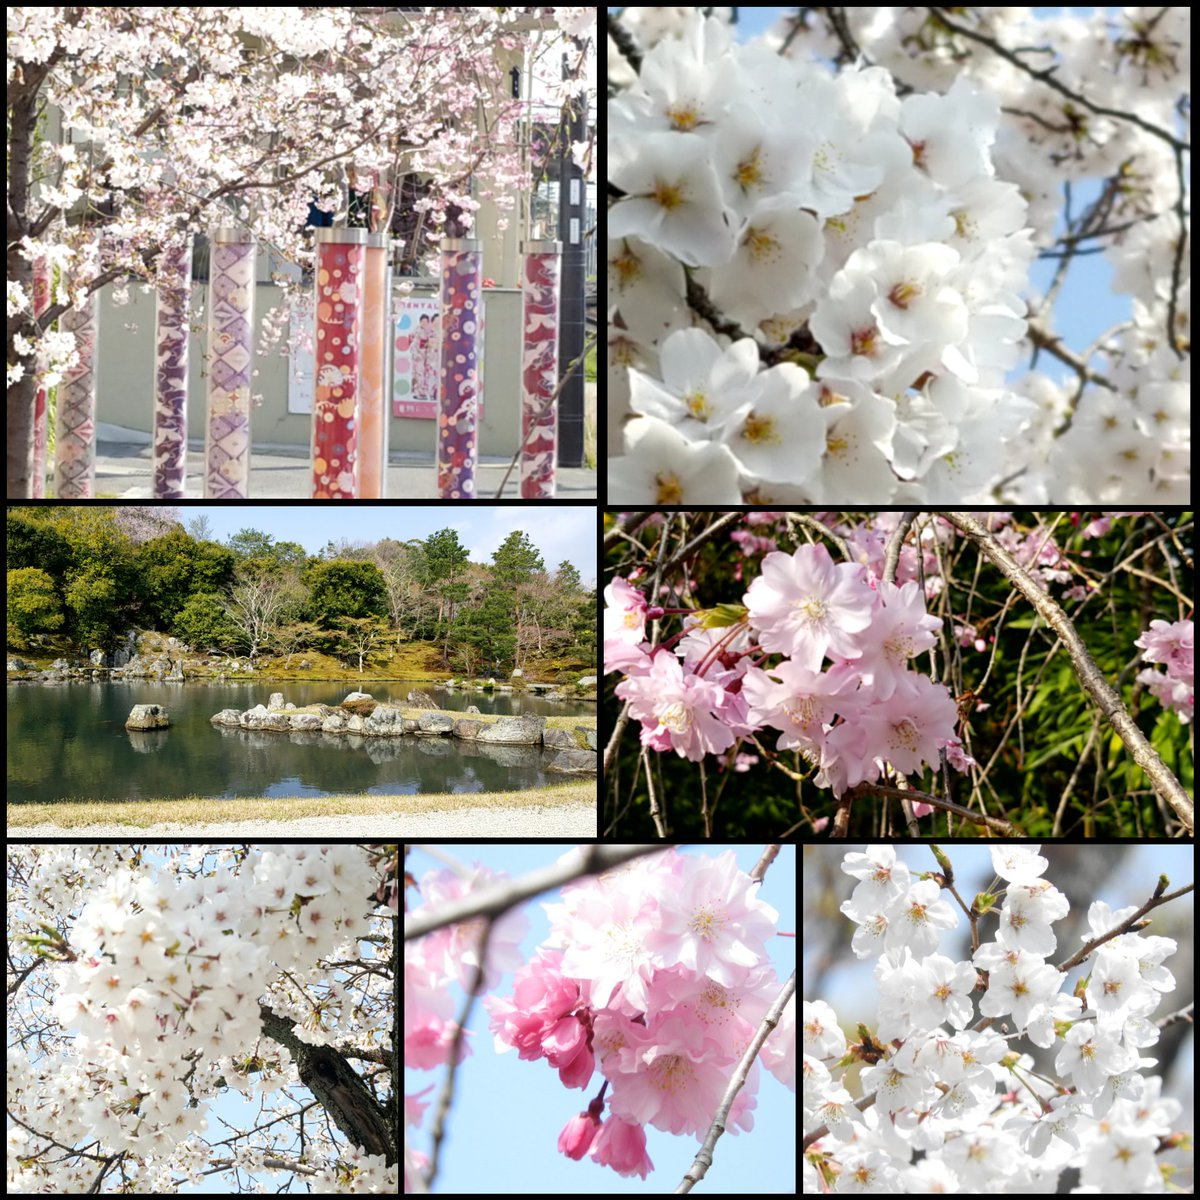 #京都 #花見 定期的に募集してたけど現状を考えると・・。 3、4月がピークとされてるし。  でも、数年以内にソメイヨシノは見れなくなる。って聞いたし。 樹木の寿命が約60年だからだそう。  興味あるフォロワーさん居ますか? 4/4 or 11です。  ※各自で交換用含め2,3枚マスク持参でお願いします。